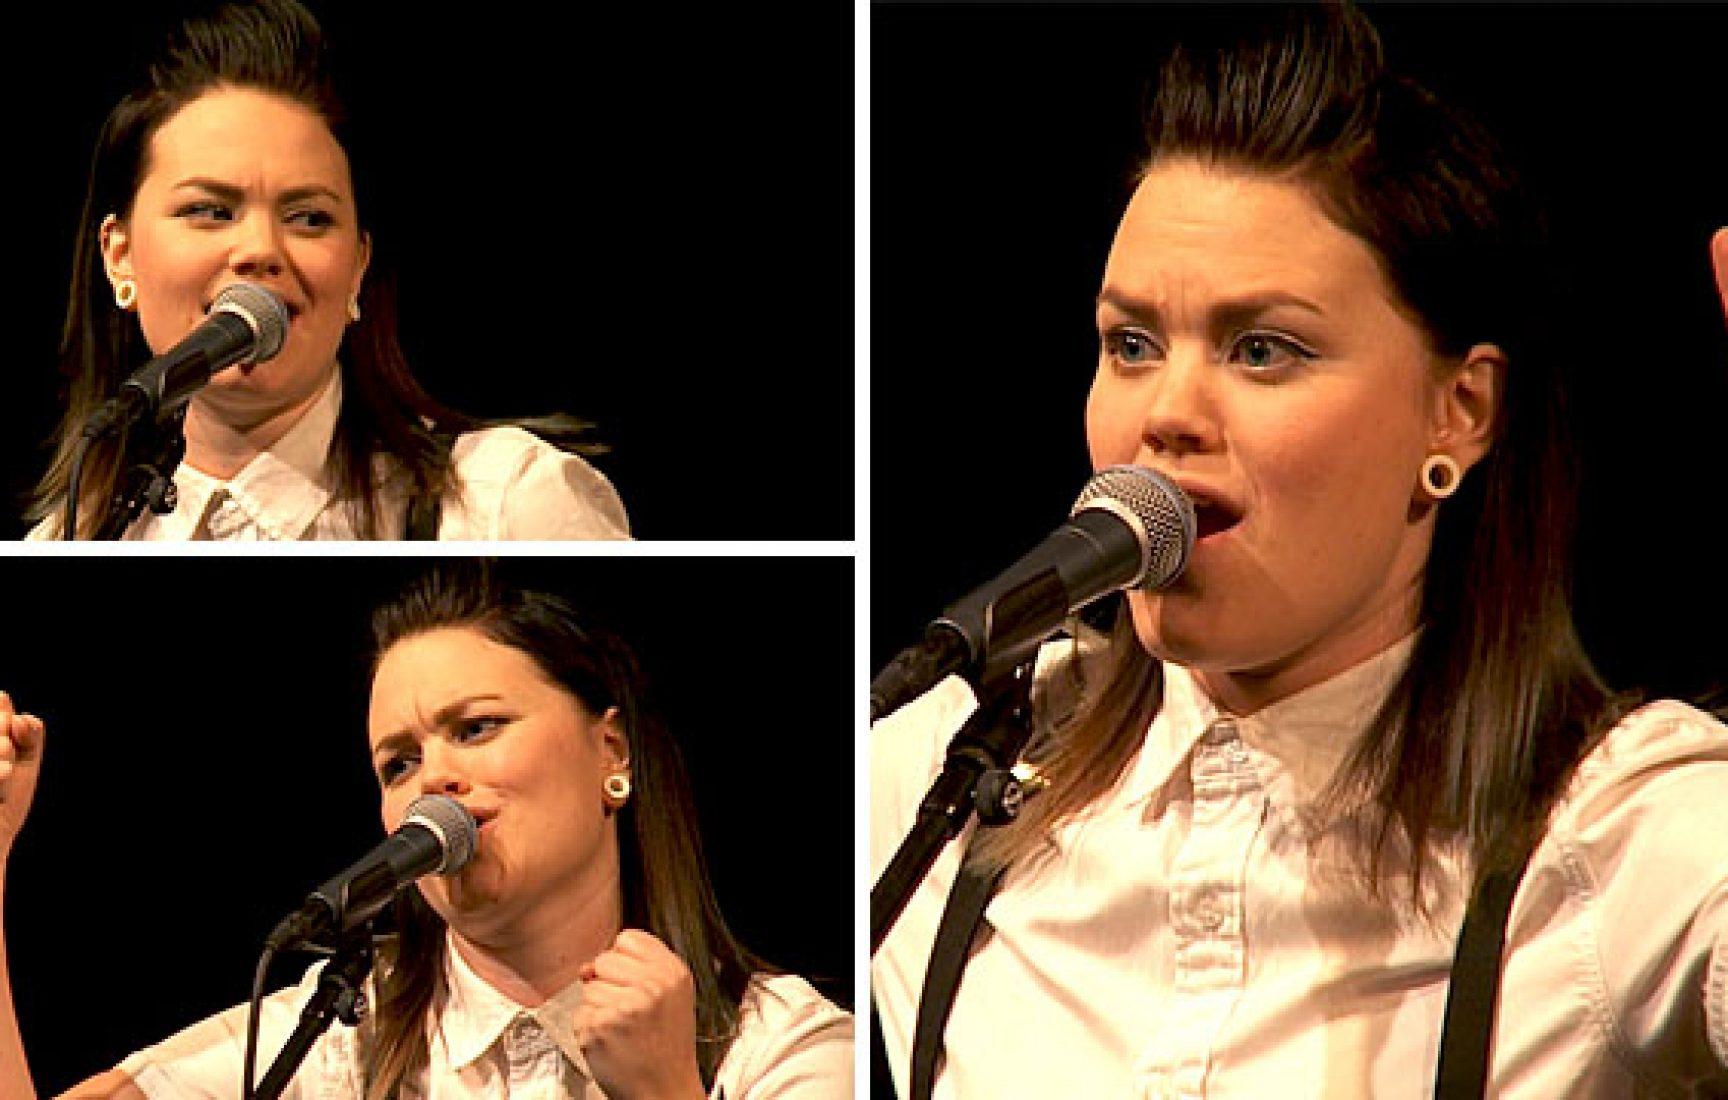 Erika Jonsson sjunger country på värmländska